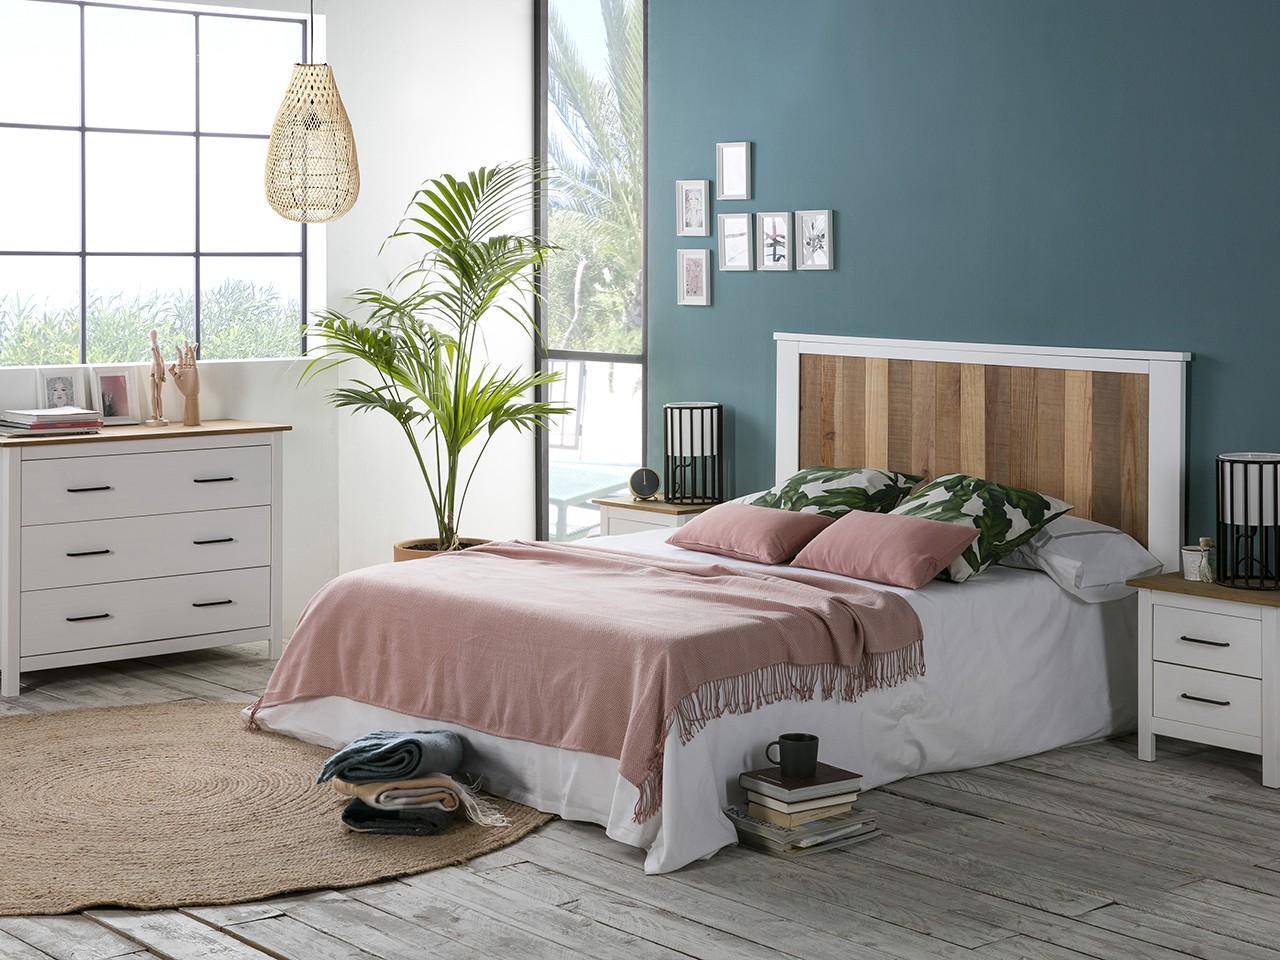 Muebles De Salon Y Muebles De Comedor Dicoro # Muebles Suspendidos Salon